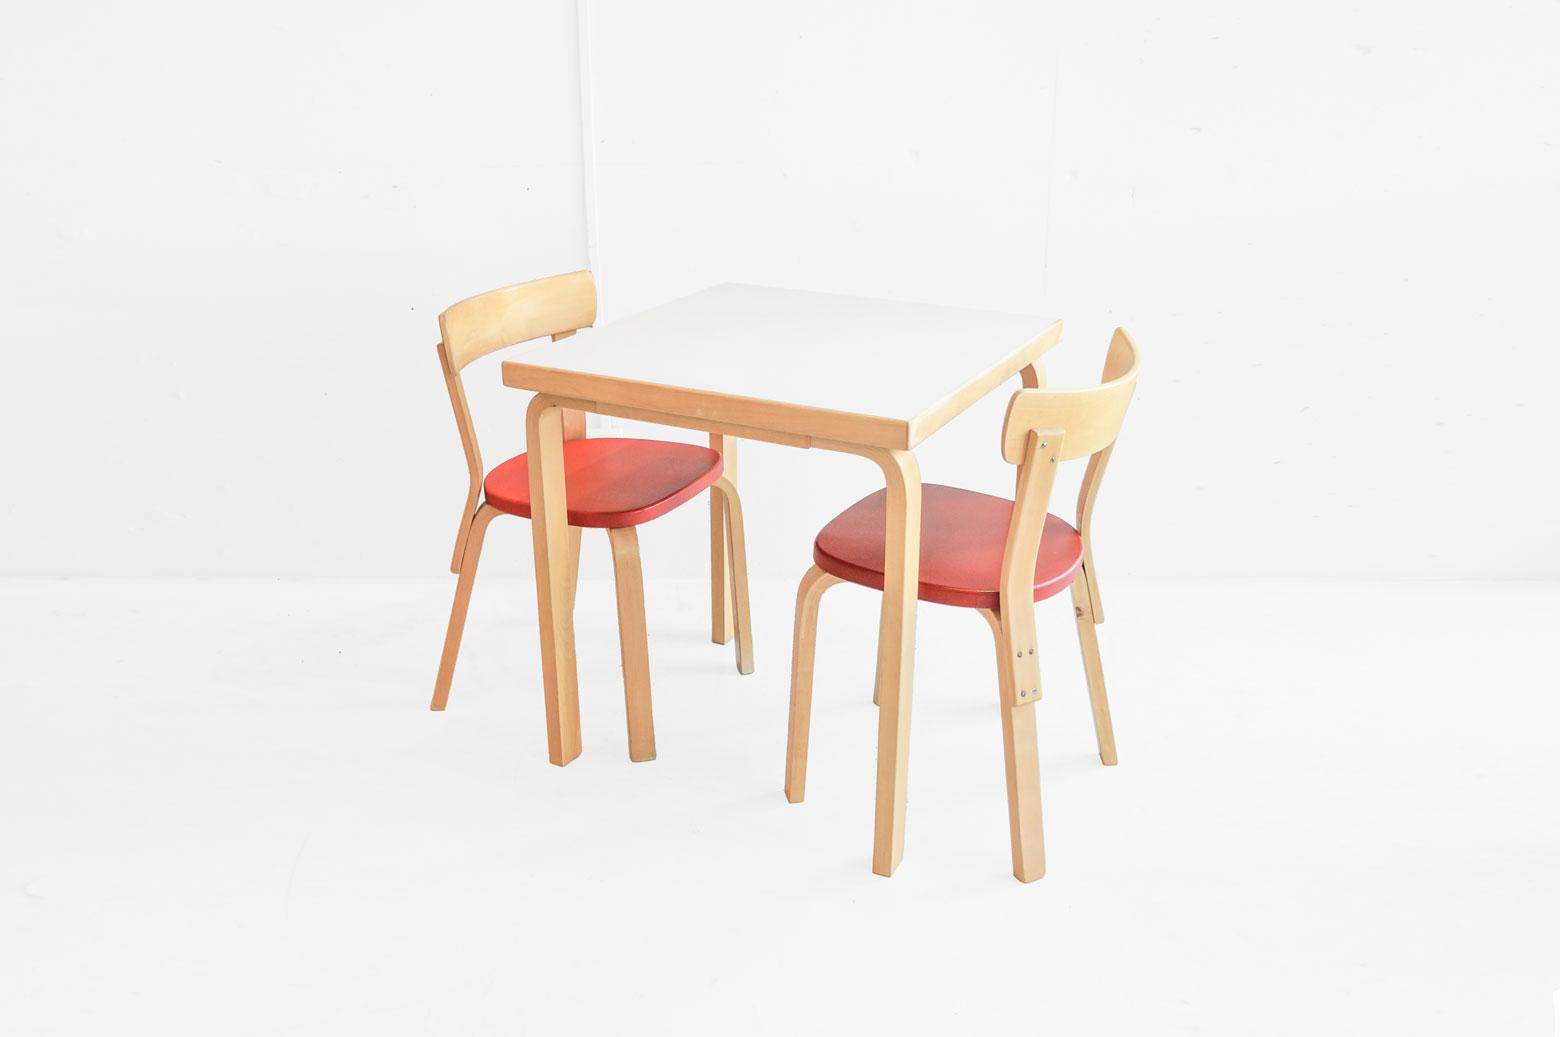 """Art(芸術)とTechnology(技術)の融合、artek/アルテック。 1935年にフィンランドで誕生したアルテックの創業者のひとりに建築家のAlvar Aalto/アルヴァ・アアルトがいます。 特徴的な曲線を描くデザイン。 自然と共存できるようなオーガニックなデザイン。 シンプルな美しさだけでなく、何十年も使い続けられるような丈夫な構造を持つアアルトの作品はまさにアルテックの名前の由来通り。 今回はアアルトの代名詞""""Lレッグ""""を使用した二人掛けダイニングテーブルとチェアNo.69をセットでご提案します。 1973~80年製のものと思われる、ホワイトのリノリウム天板を使用ダイニングテーブルは現行品よりも少し小さめでヴィンテージでしか出会えないサイズ。 アアルトの定番ダイニングチェアNo.69、座面には赤いビニールレザーが張られています。 それぞれ1950~65年製、1965~73年製のものと思われる二脚です。 私たち日本人にはなんだかめでたく感じる""""紅白""""の組み合わせも、 フィンランドの伝統的なバーチ材が放つ落ち着きやアアルトの描いた曲線のやわらかさが加わるとしっくりと空間に馴染むダイニングセットになる。 小回りの利くコンパクトなテーブルとチェアのセットは、限られた狭い空間の中で暮らす私たちにぴったりの""""ジャパニーズ・トーキョー・サイズ""""、とでも言いましょうか… ヴィンテージ品のため、経年や使用に伴うキズやスレ、打痕などのダメージがございますが、使用に問題はございません。 No.69チェアはナチュラルな木の座面や塗装された座面、ファブリックの座面など様々なタイプがありますが、こちらのビニールレザーはお手入れがラクな点でもオススメです。 60年以上も前に作られたものが今まで使い続けられてきて、さらにこれからもまだまだ永く使える。 これもアアルトのデザインの凄いところですね。 ~【東京都杉並区阿佐ヶ谷北アンティークショップ 古一】 古一/ふるいちでは出張無料買取も行っております。杉並区周辺はもちろん、世田谷区・目黒区・武蔵野市・新宿区等の東京近郊のお見積もりも!ビンテージ家具・インテリア雑貨・ランプ・USED品・ リサイクルなら古一/フルイチへ~"""